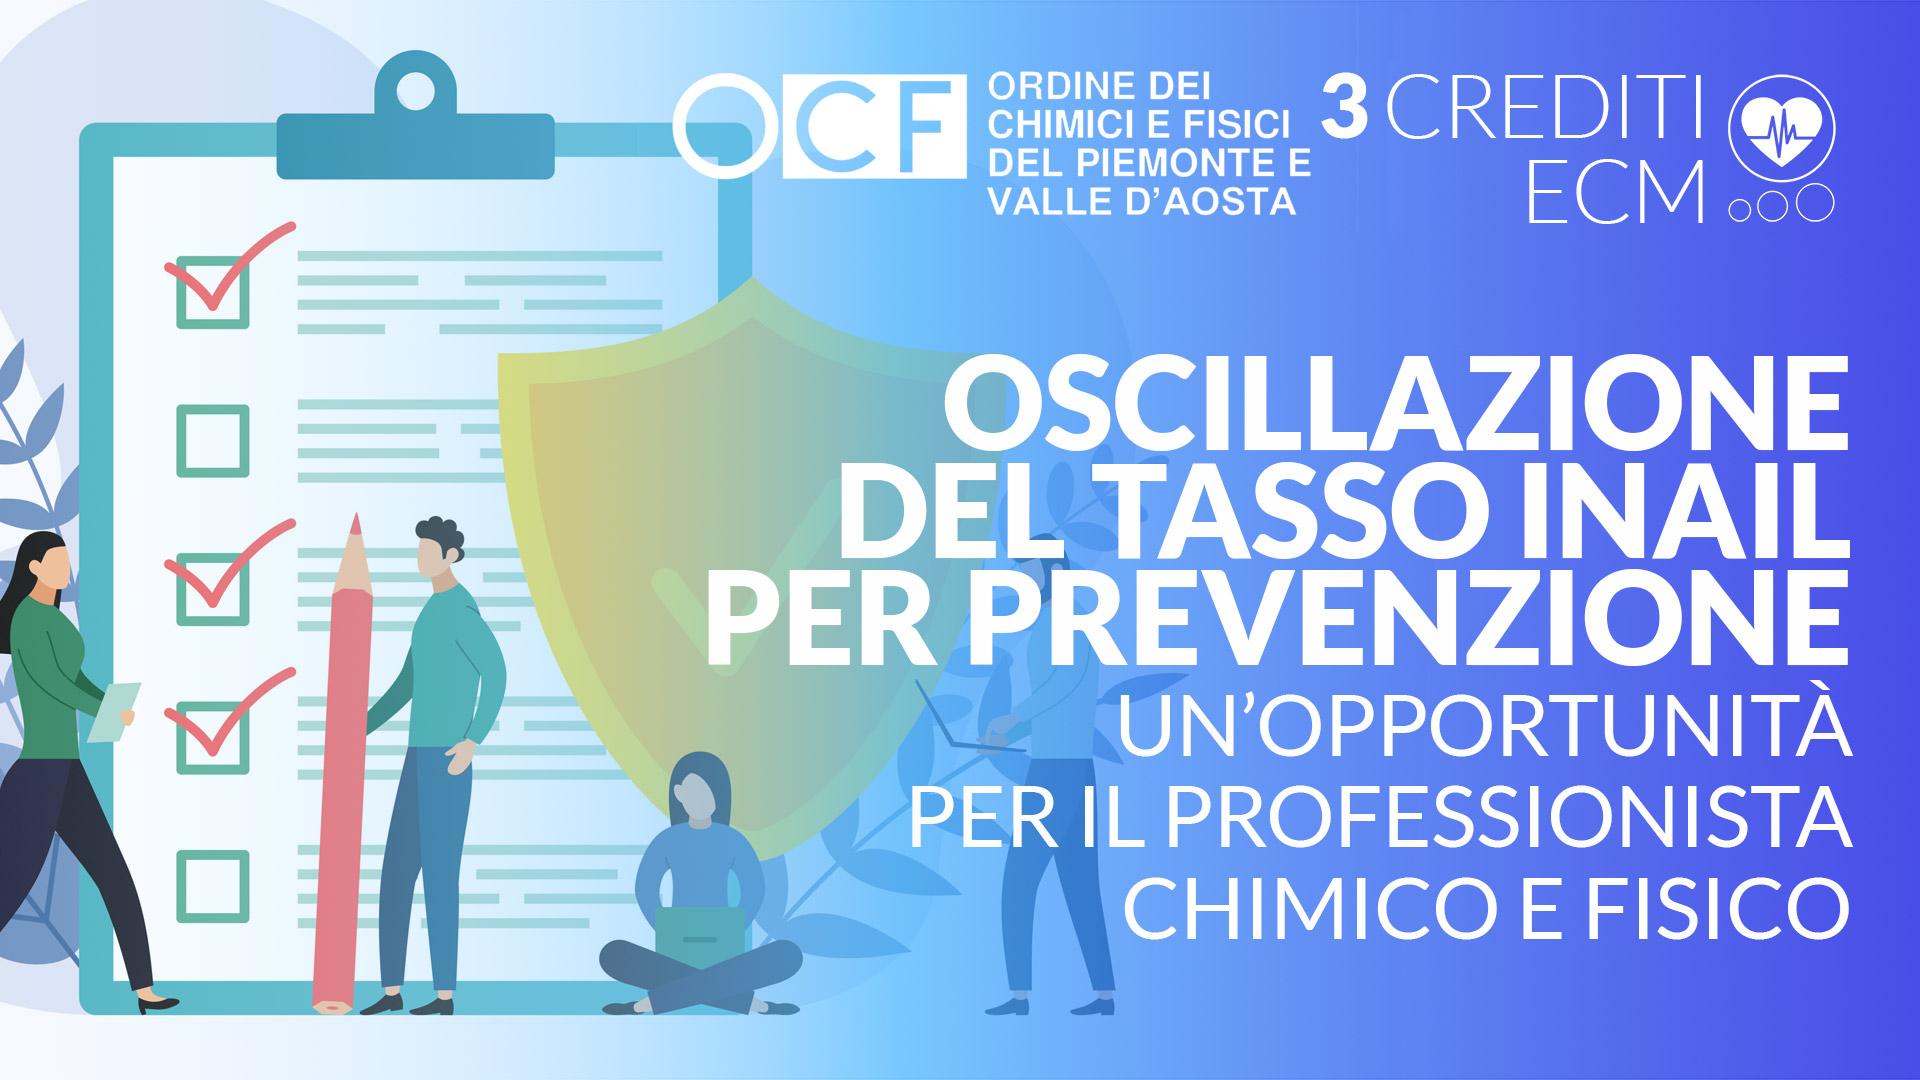 Oscillazione del tasso INAIL per prevenzione: un'opportunità per il Professionista Chimico e Fisico